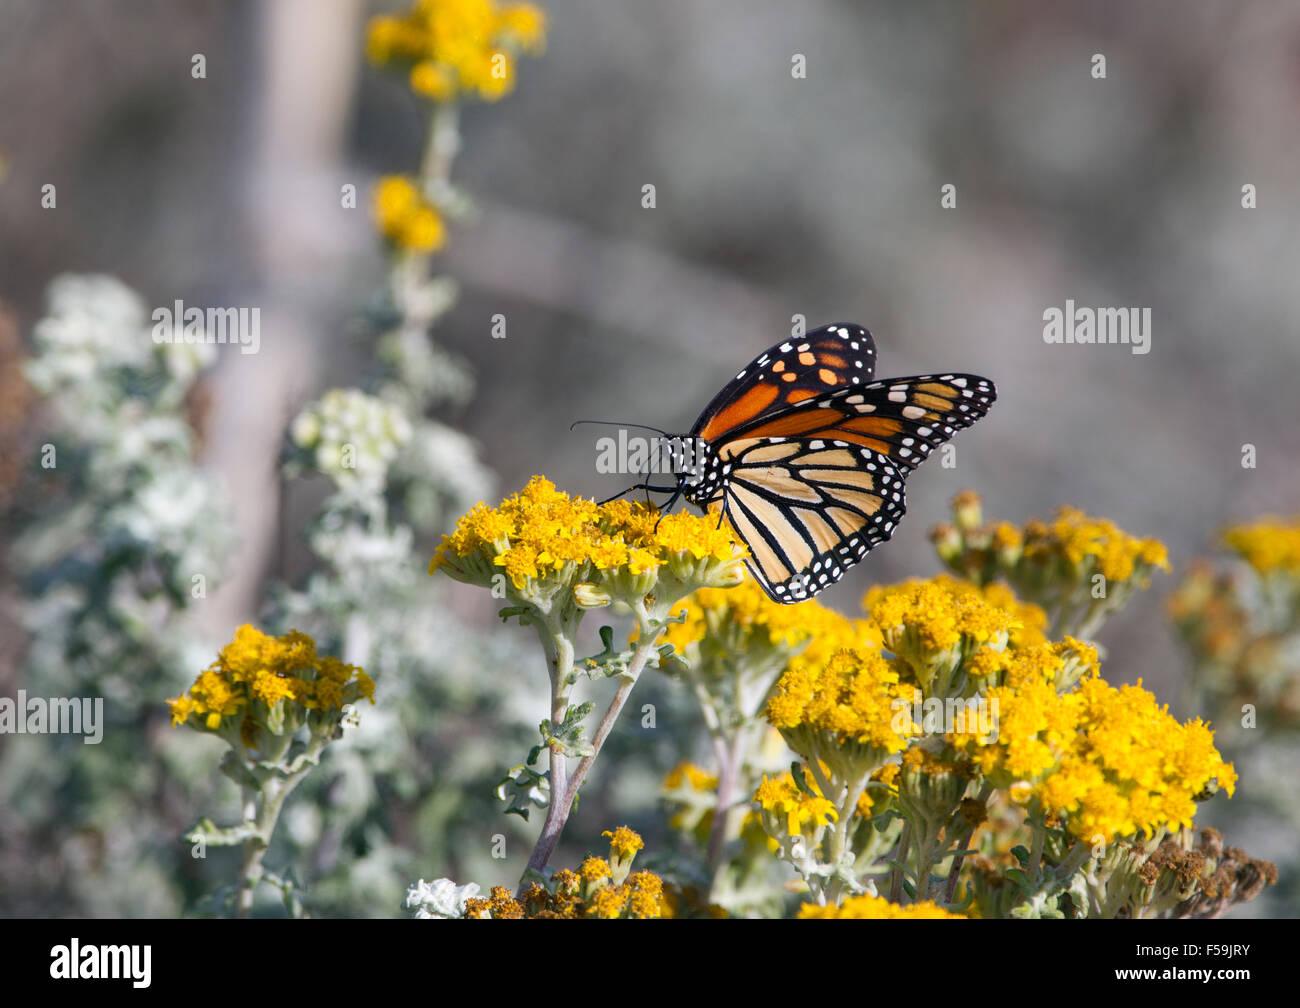 Mariposa Monarca en Flor Amarilla Imagen De Stock